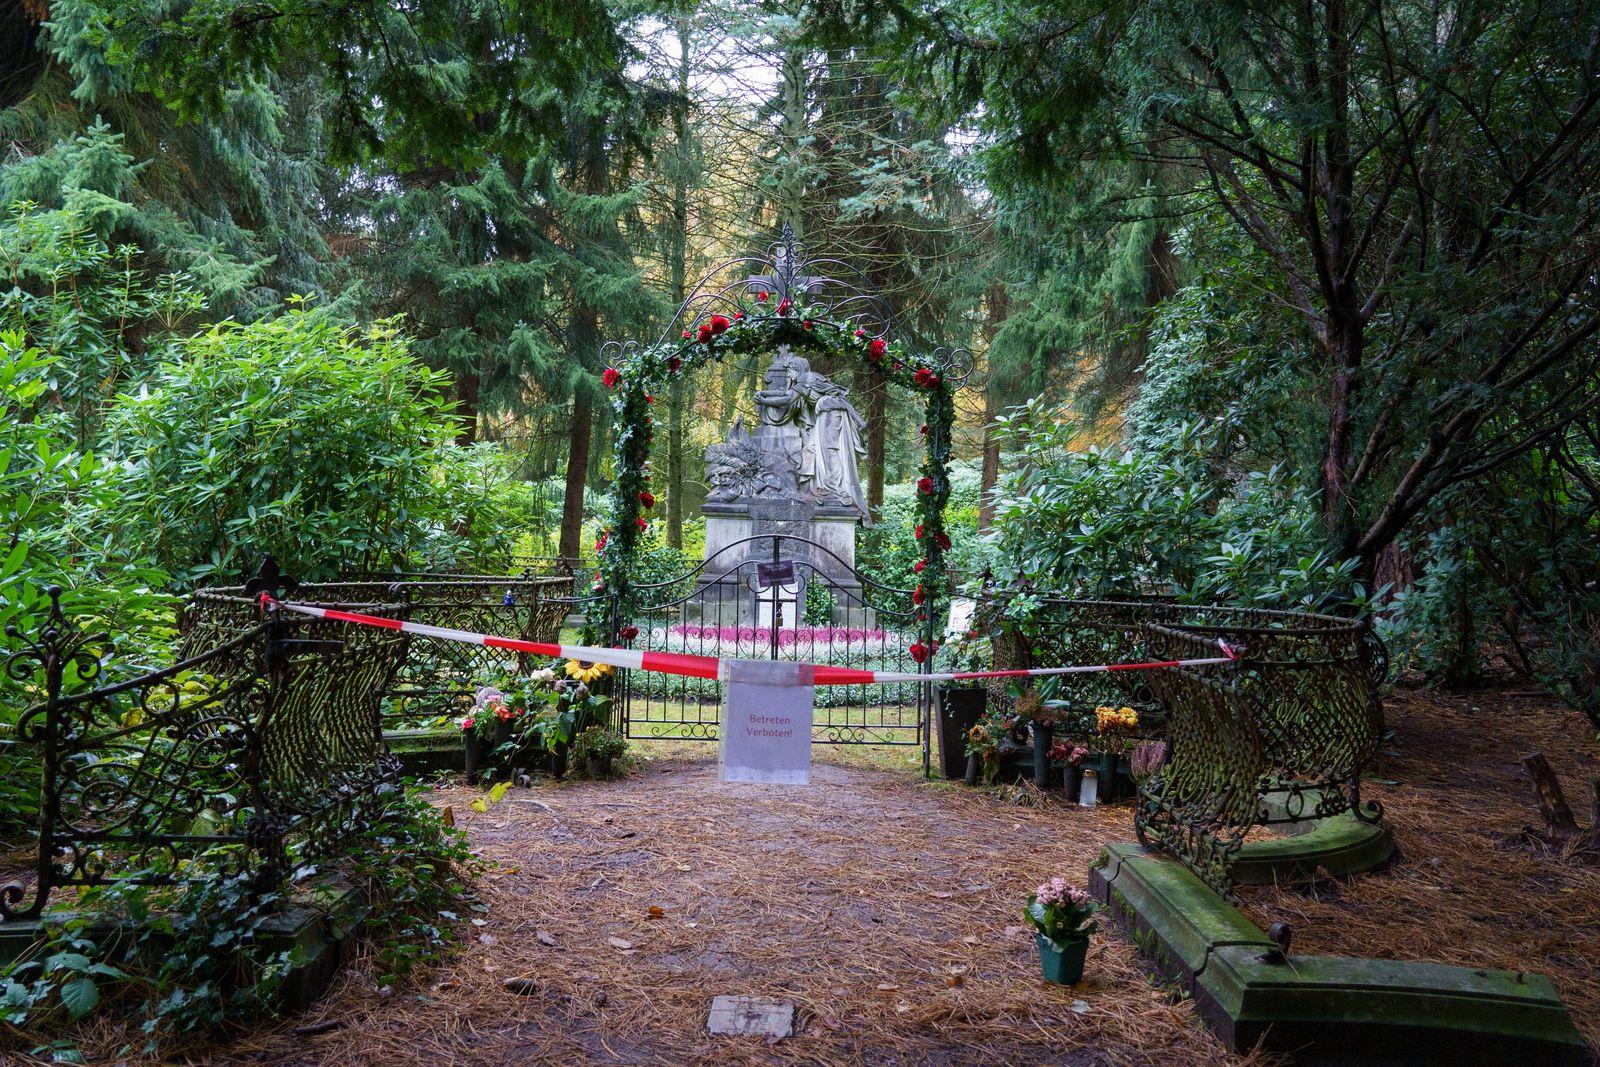 Grabstätte vom Hamburger Schauspieler Jan Fedder geschändet Friedhof Hamburg-Ohlsdorf an der Grabstätte wurde von bisher